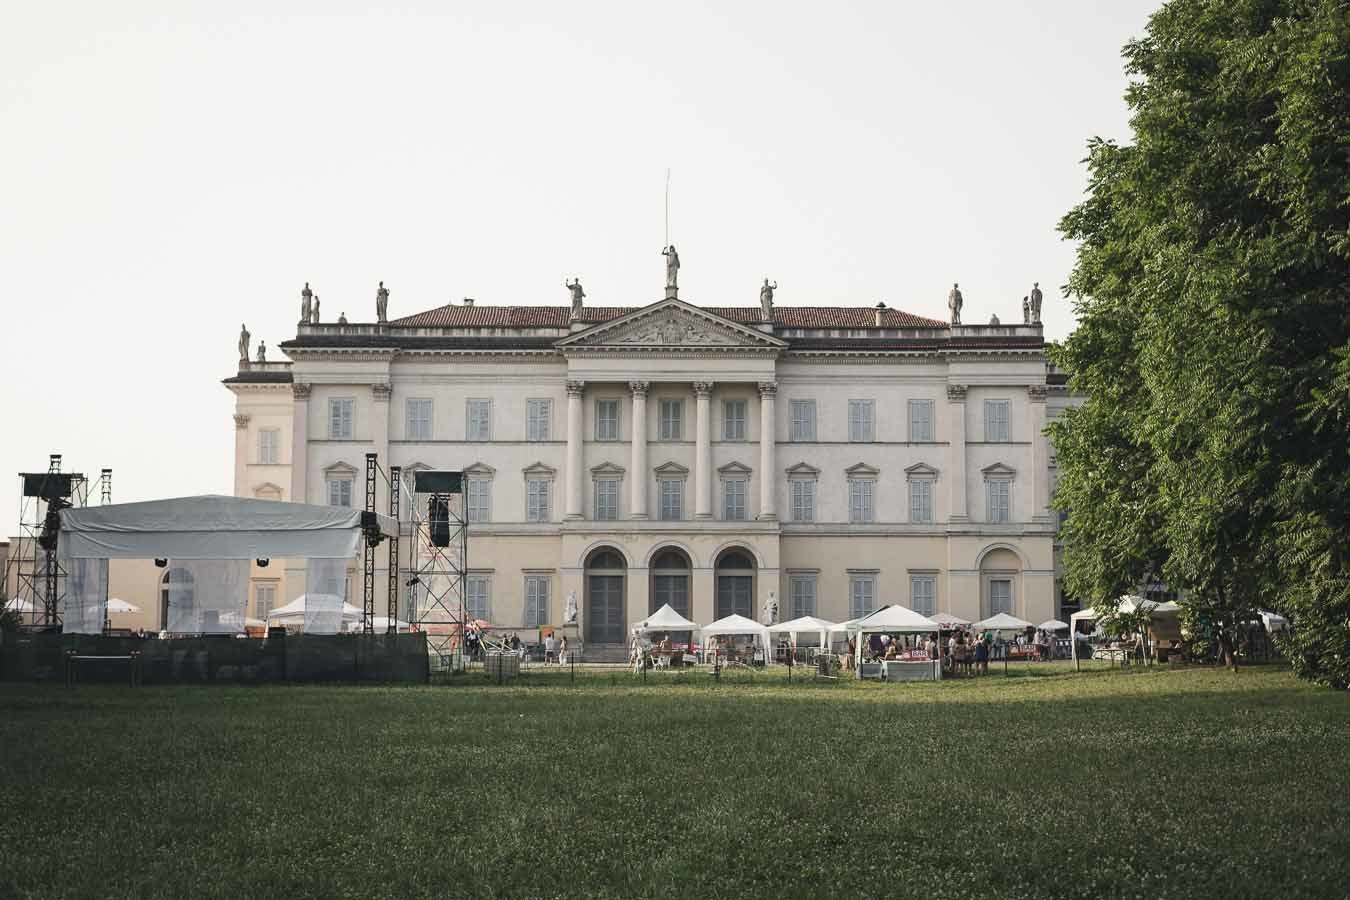 fotografo_eventi_concerti_festival_desio_tittoni_foto_marco_reggi_176